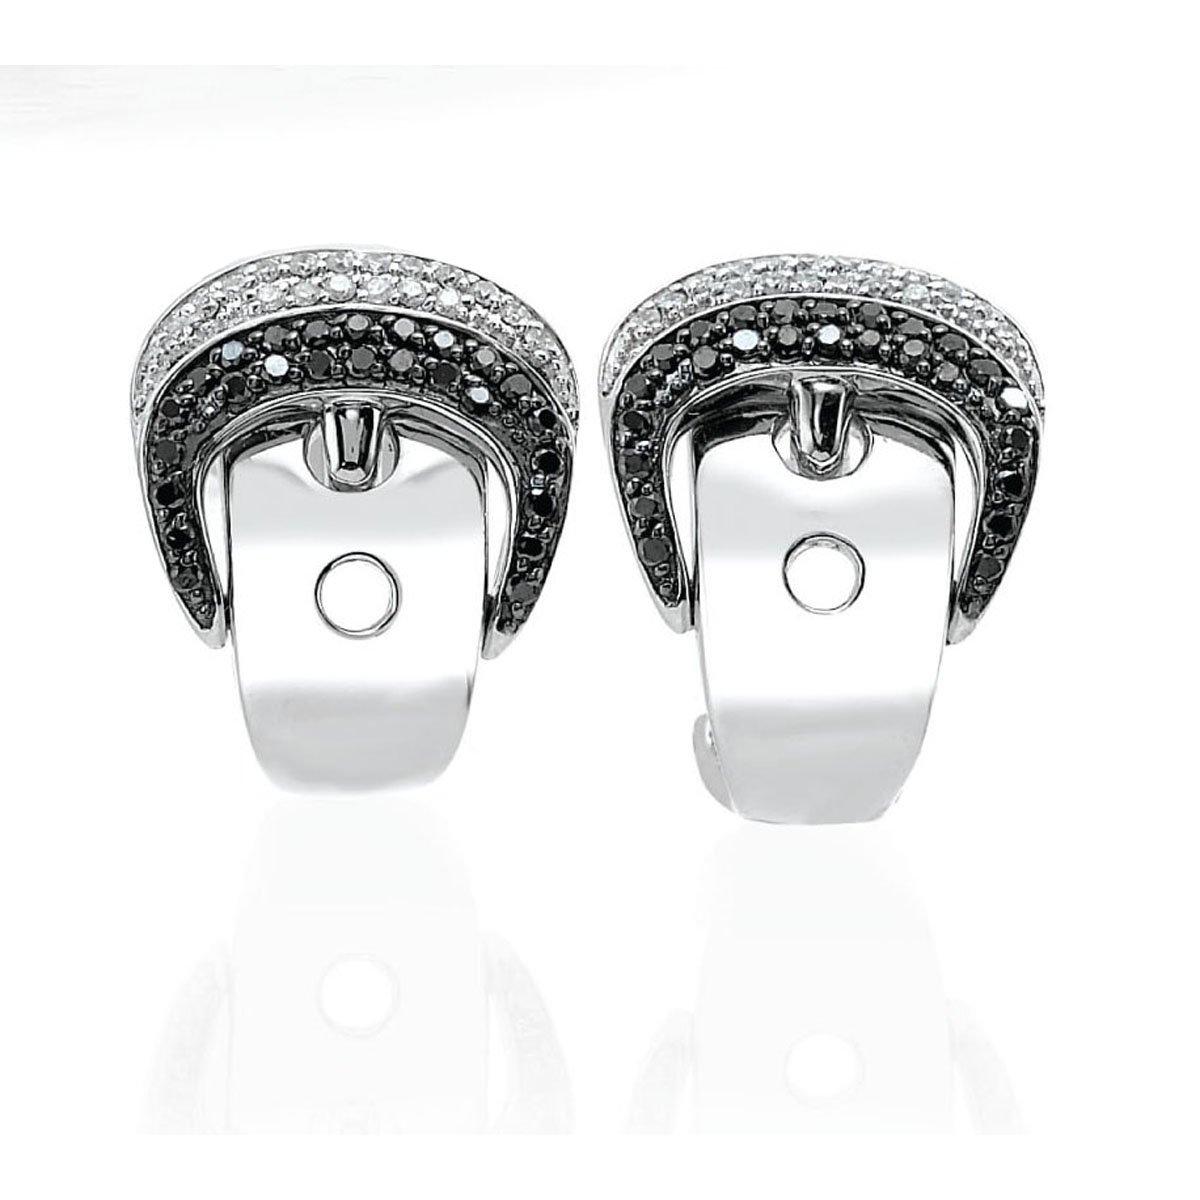 OWC Sterling Silver Blk/wht Diamond Buckle Earrings